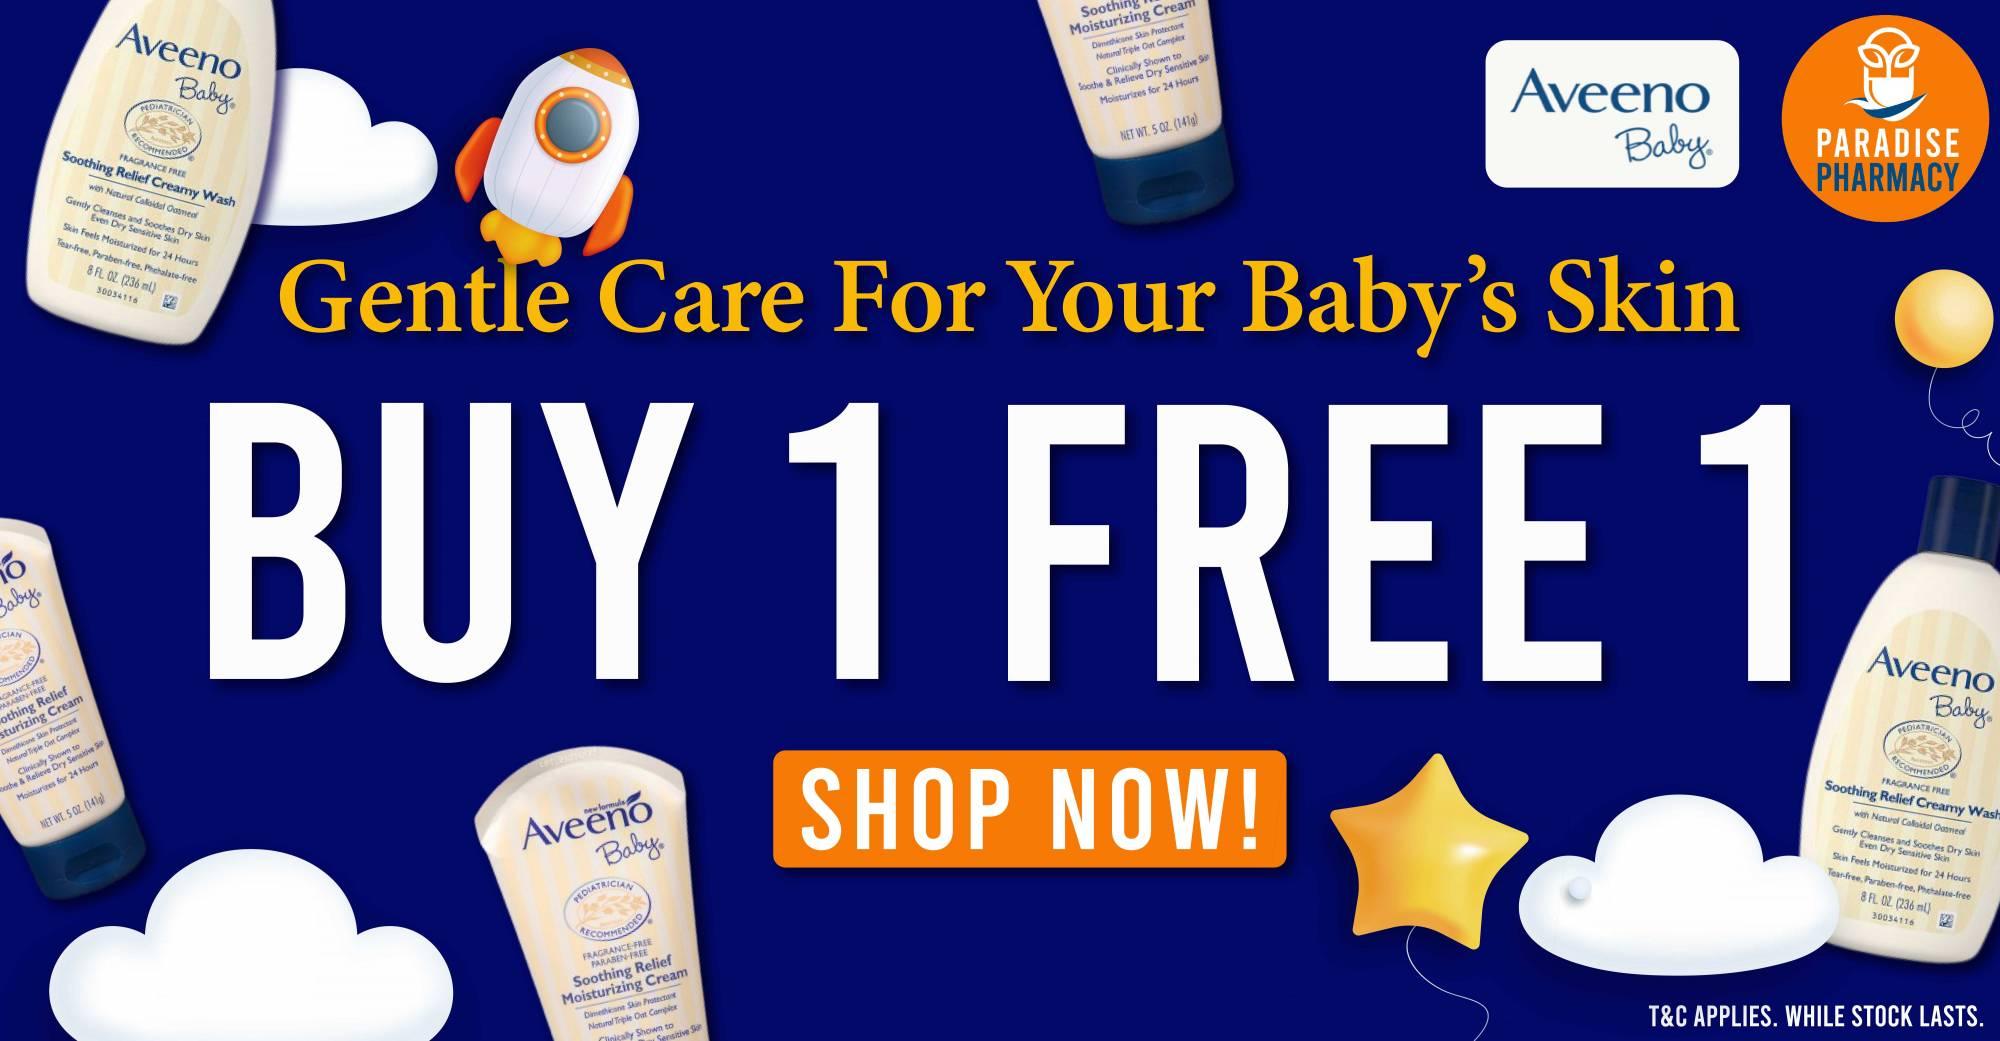 AVEENO BABY BUY 1 FREE 1